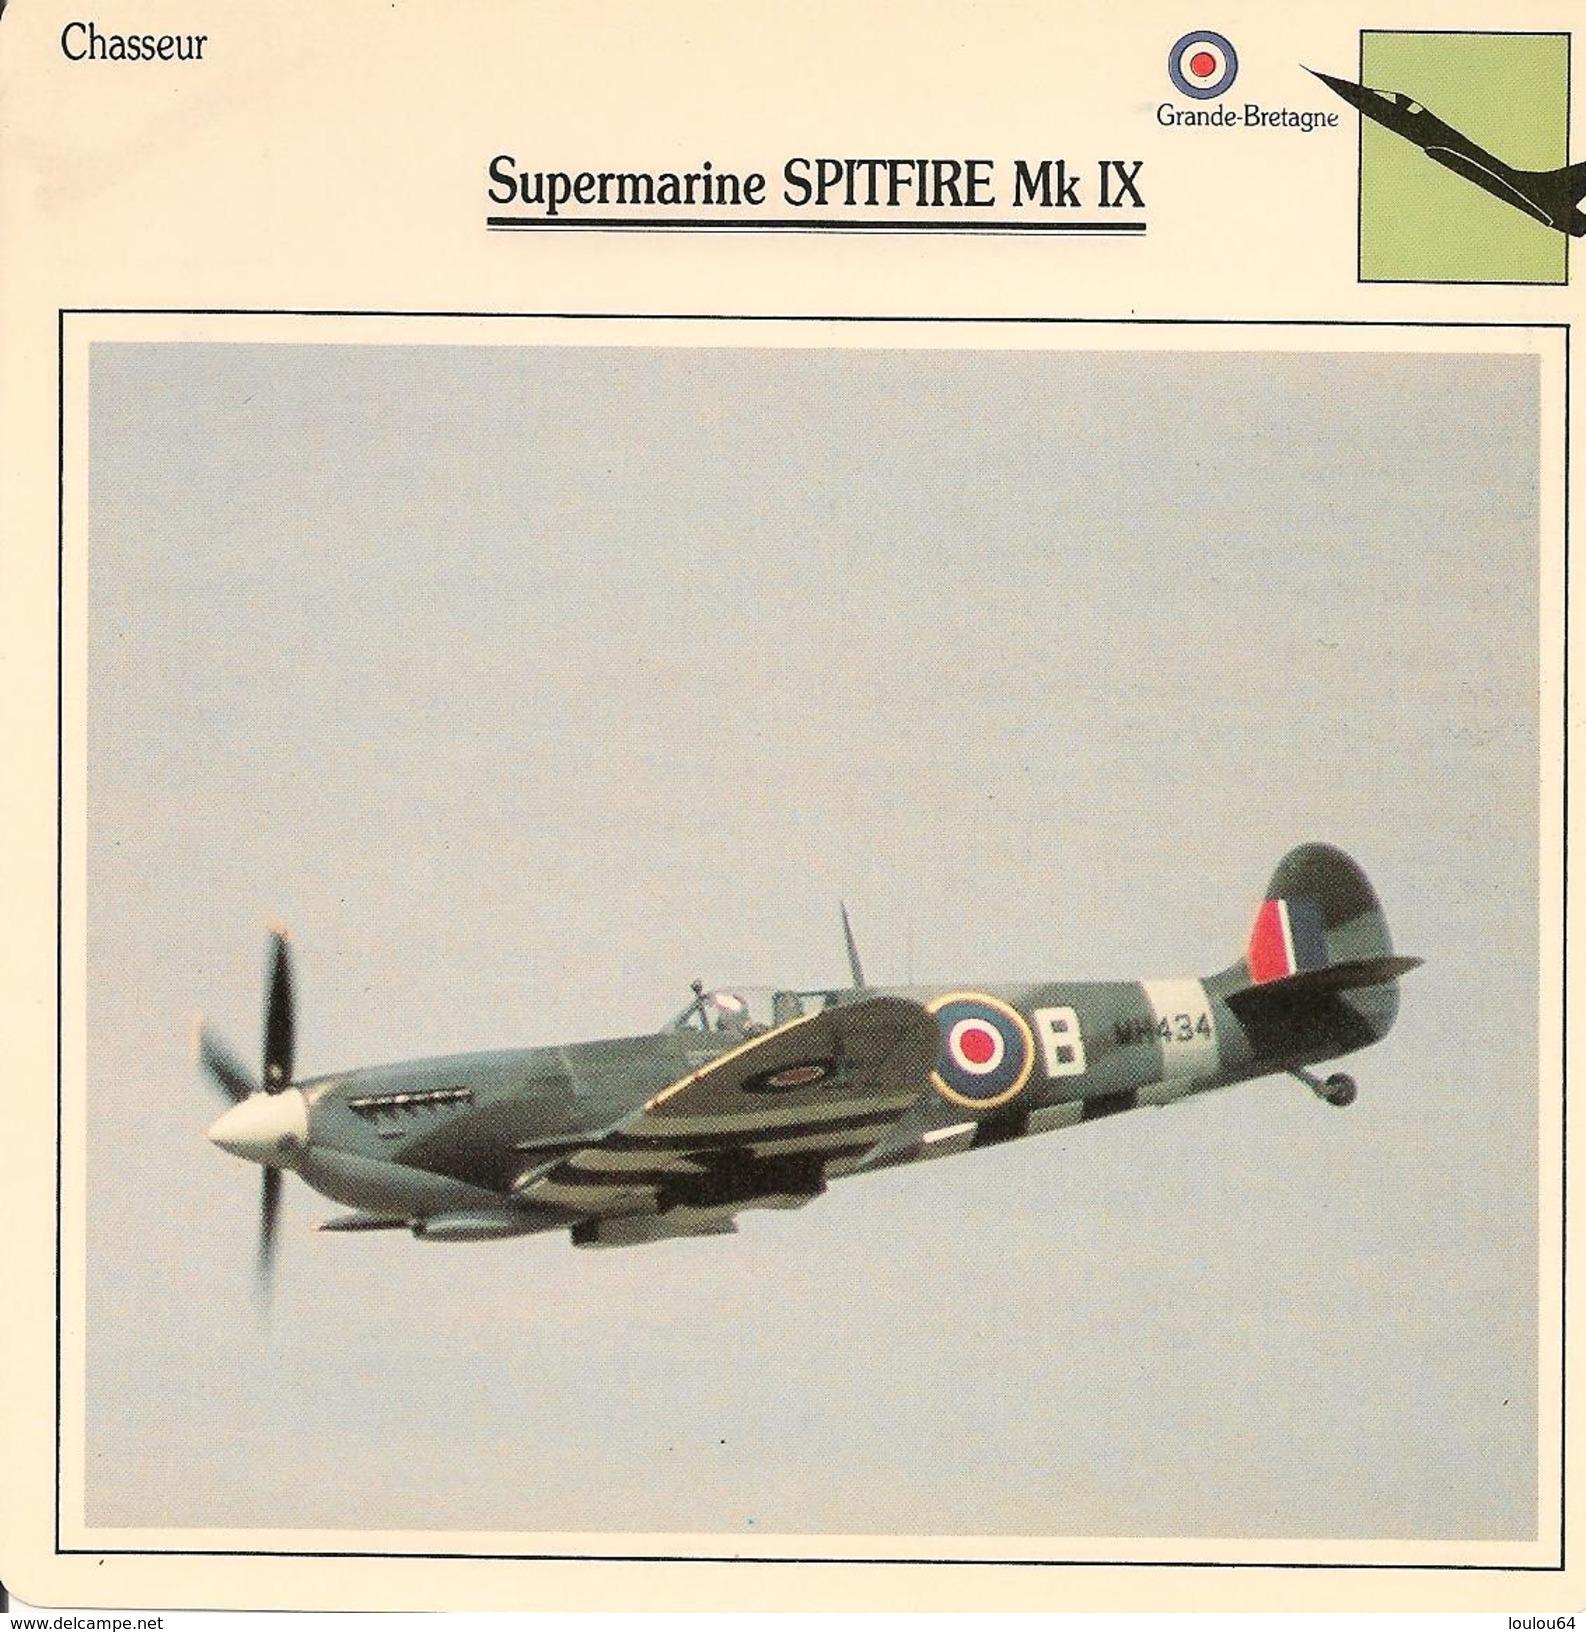 Fiches Illustrées - Caractéristiques Avions - Chasseur - Supermarine SPITFIRE MK IX - Grande Bretagne - (36) - - Aviation